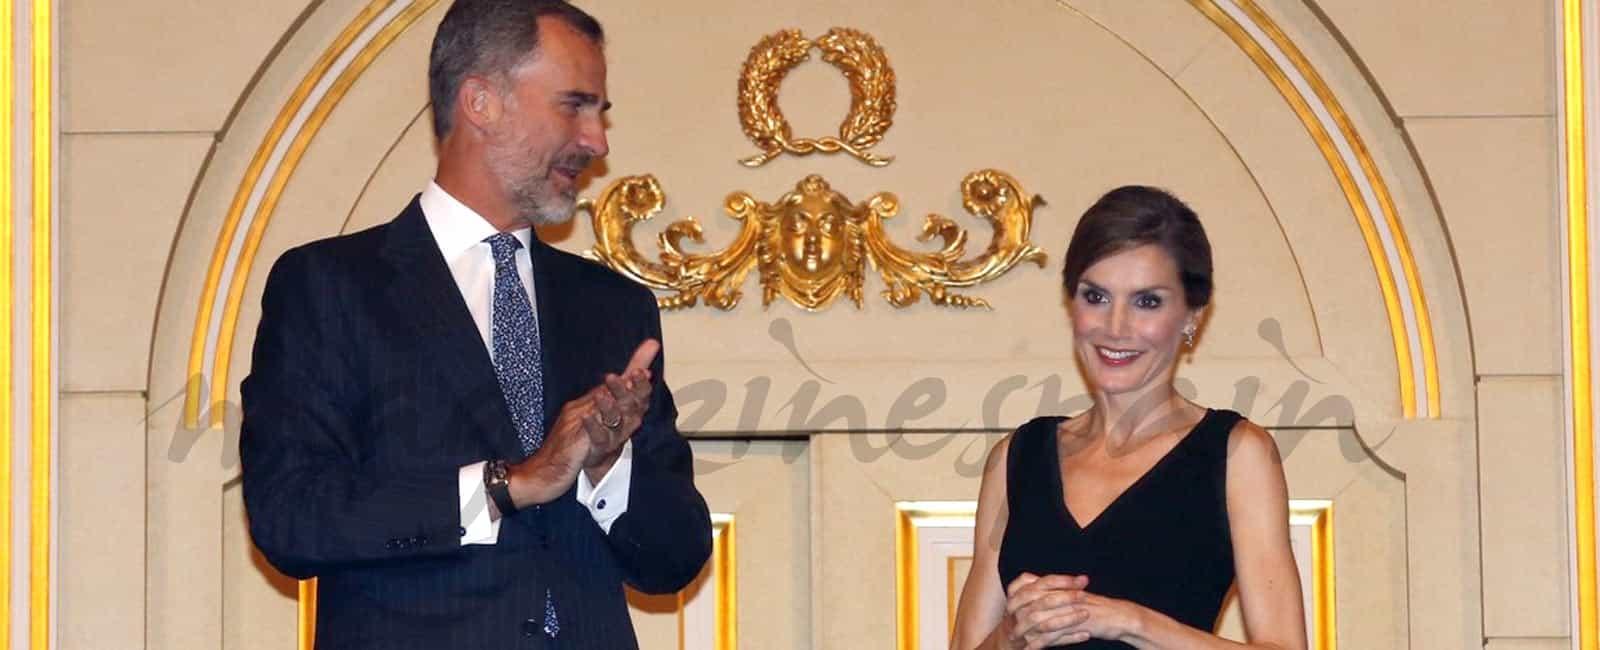 La reina Letizia celebra su 44 cumpleaños en el Teatro Real